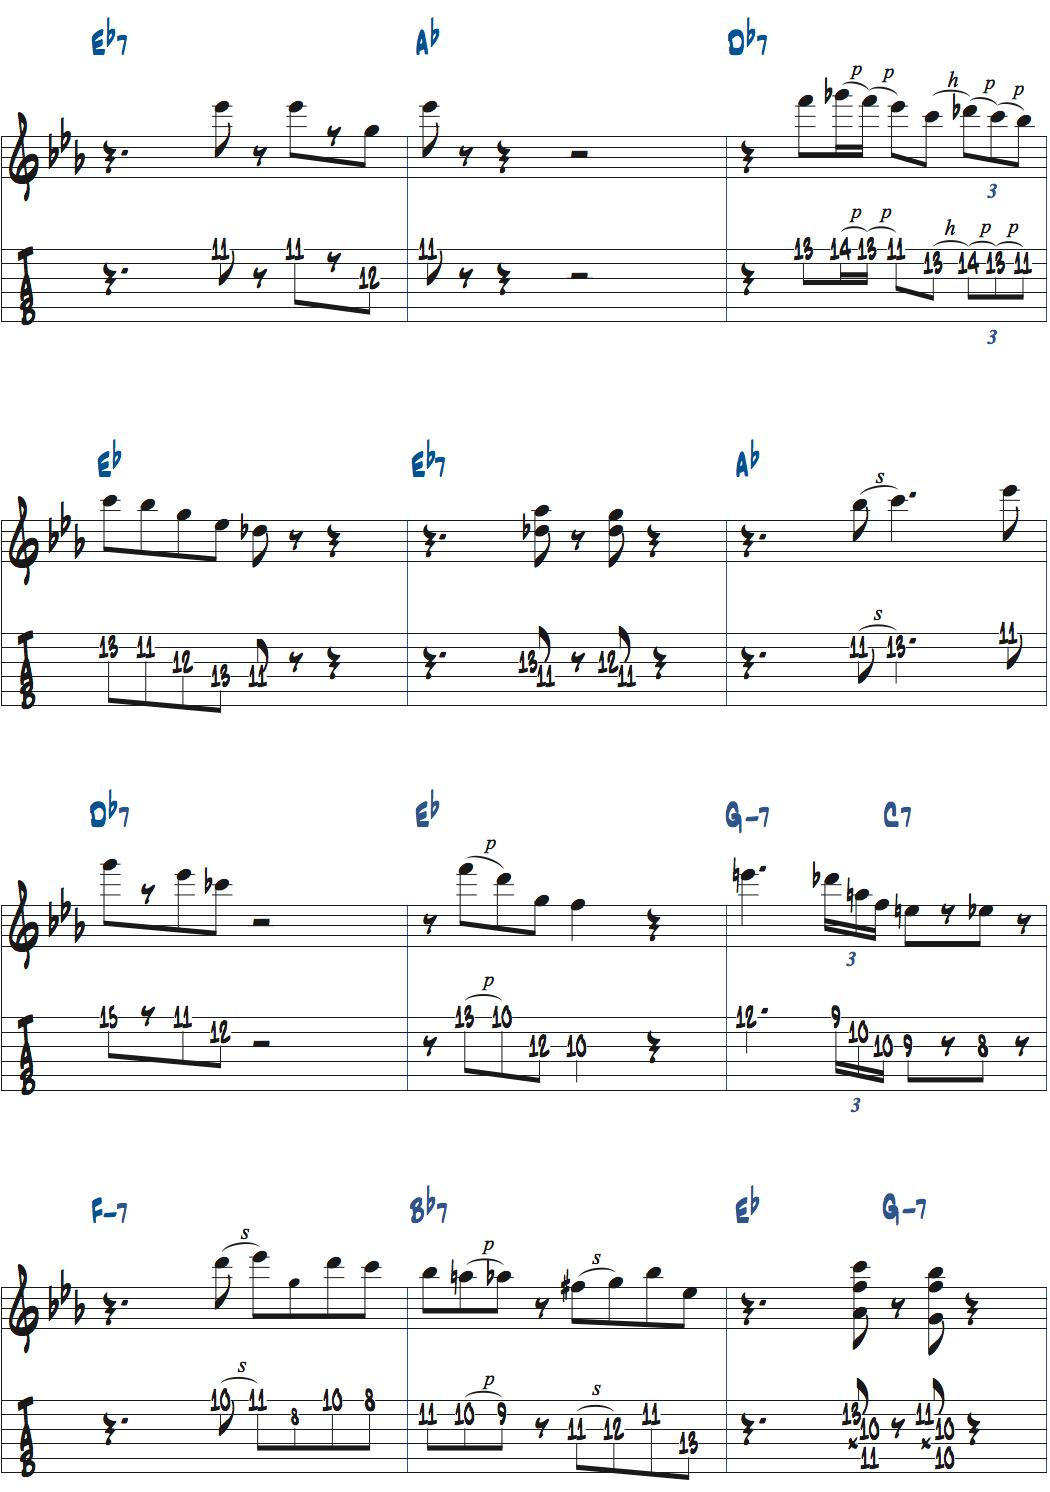 ジムホールのWithout a Songアドリブ1コーラス目楽譜ページ4